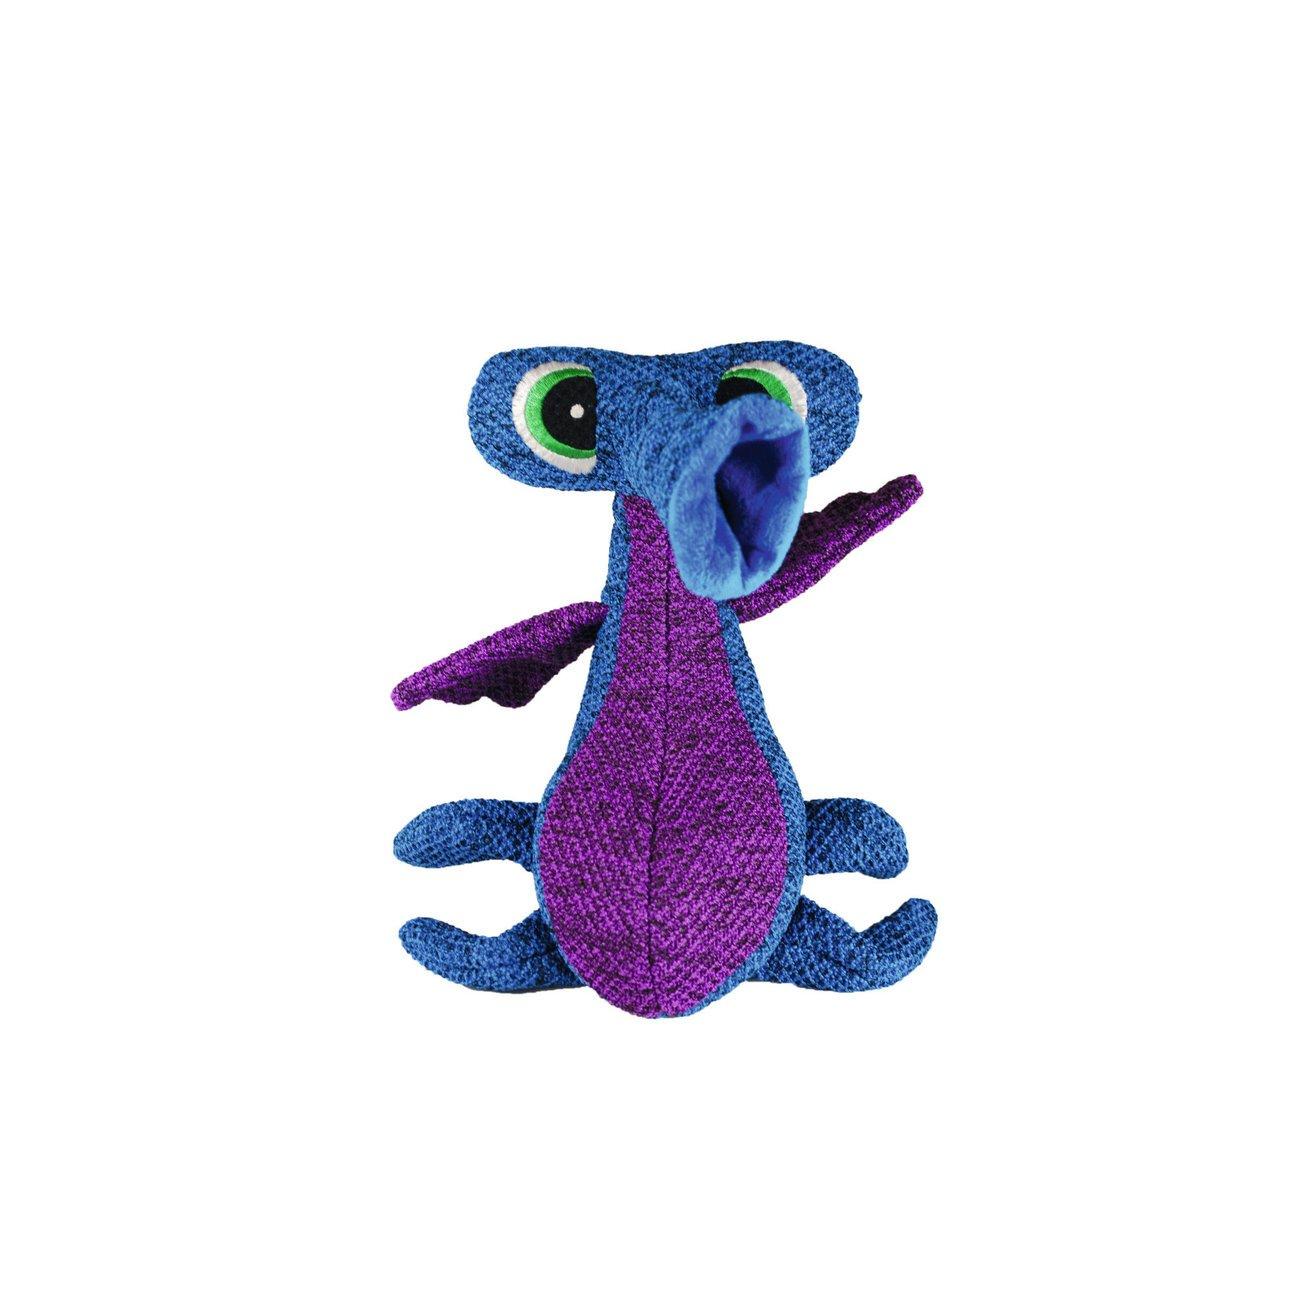 KONG Woozles, blau, 28 cm